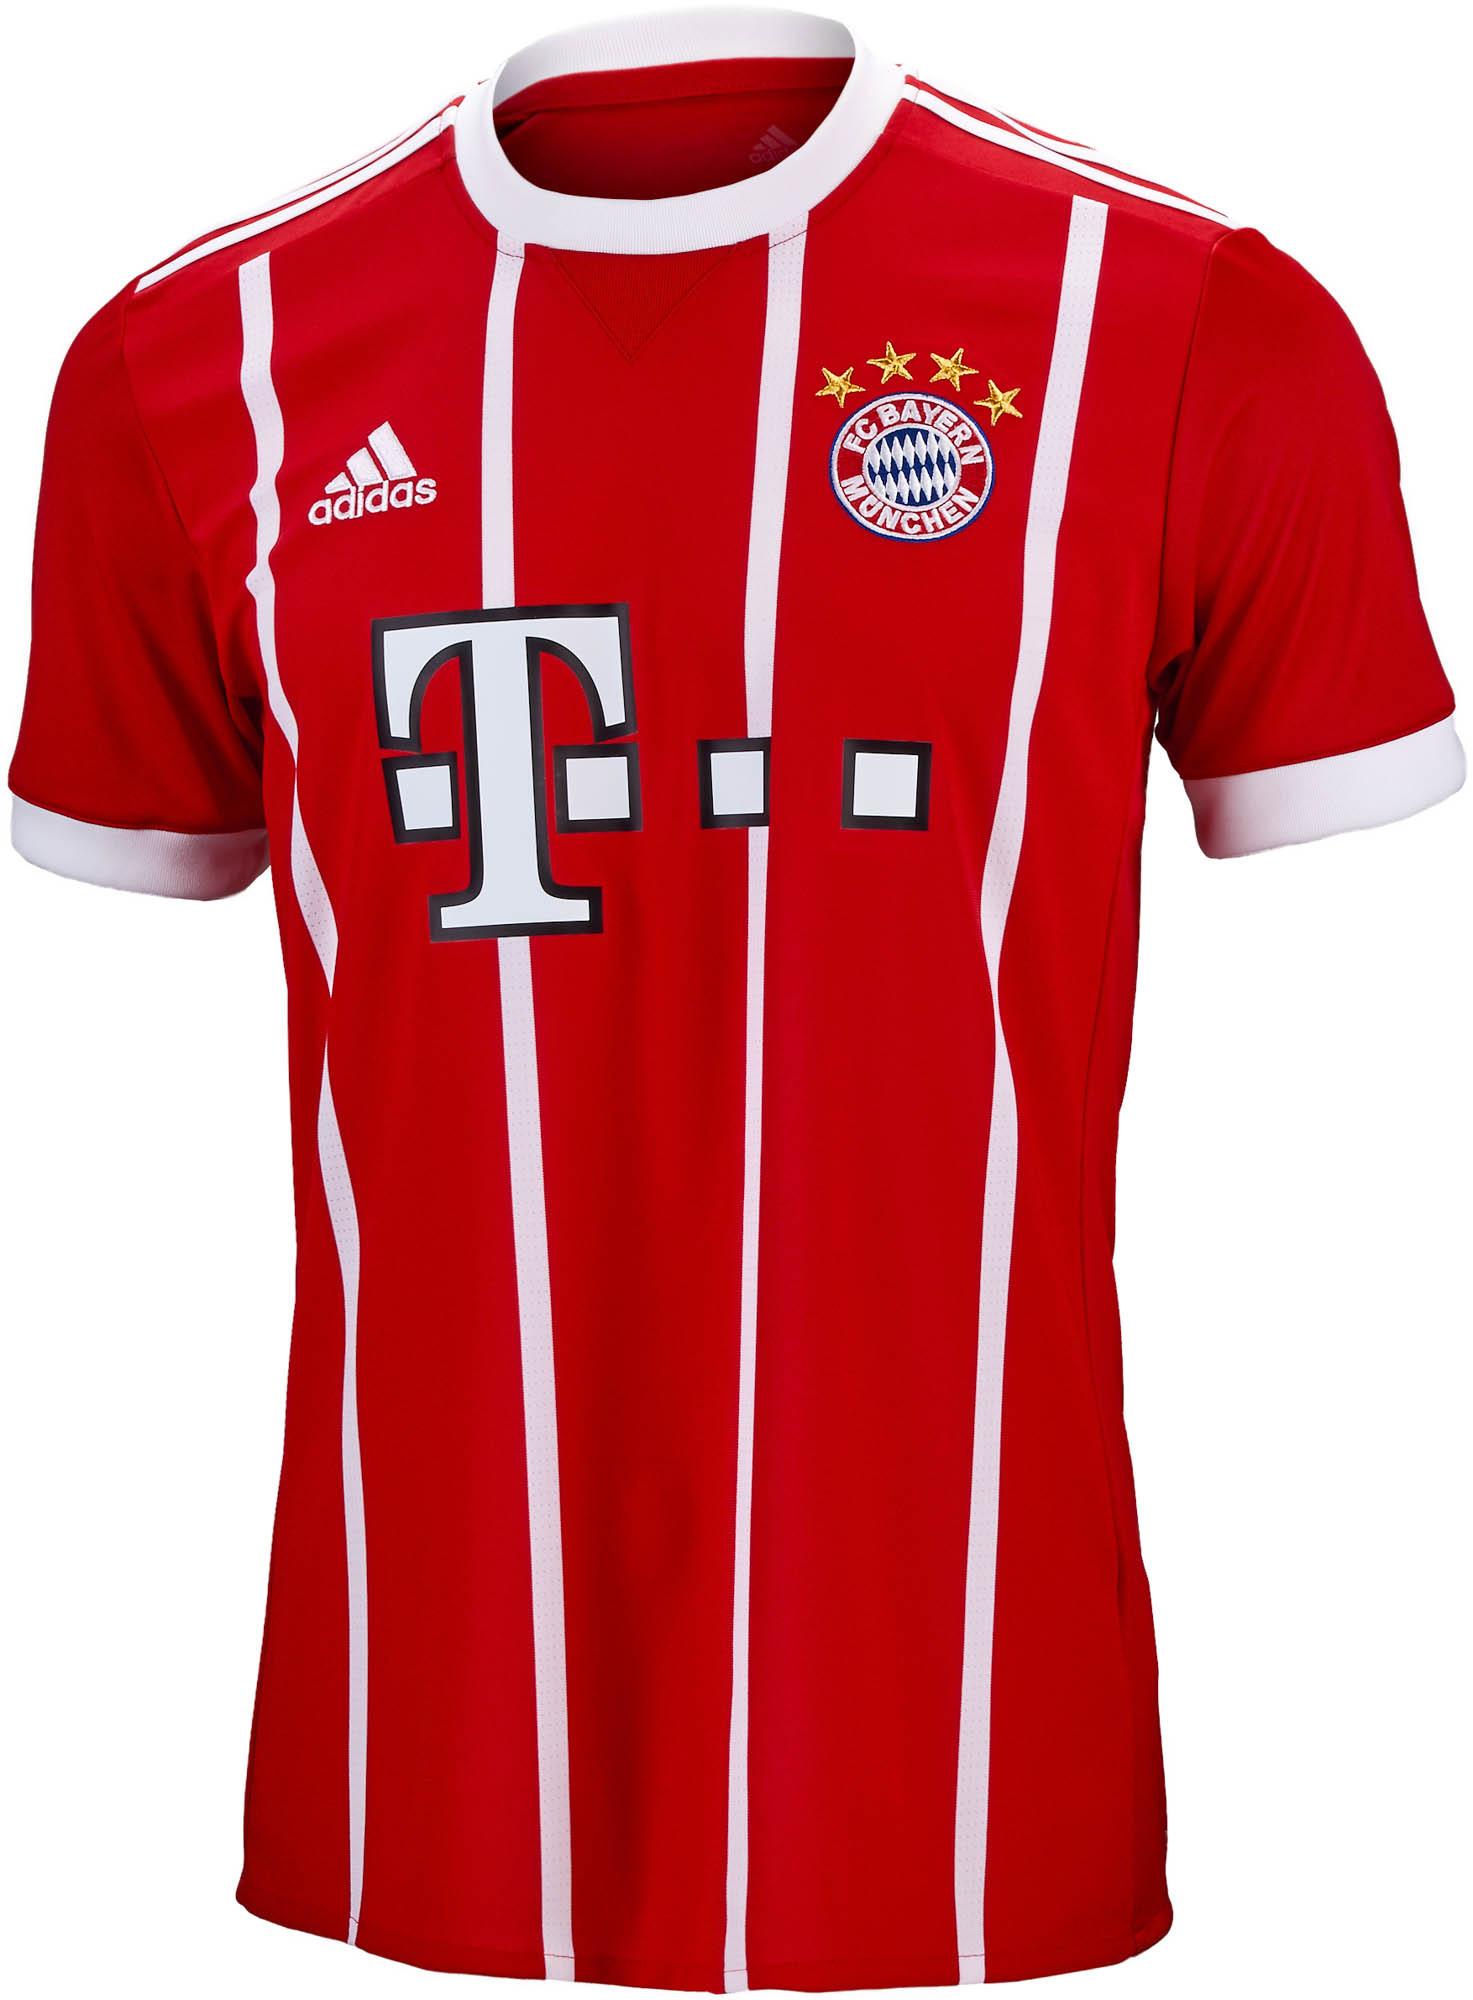 025b1940683 2017 18 adidas Bayern Munich Home Jersey - SoccerPro.com